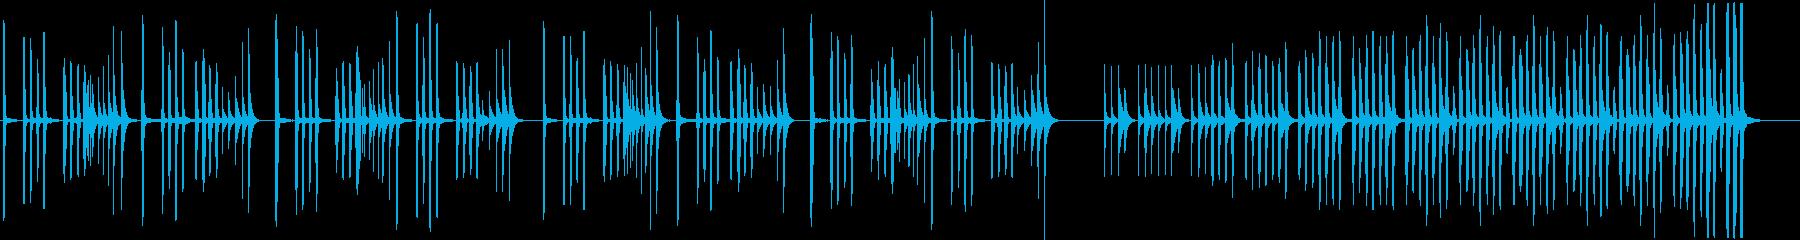 なぞなぞ・いたずらな木管楽器BGMの再生済みの波形